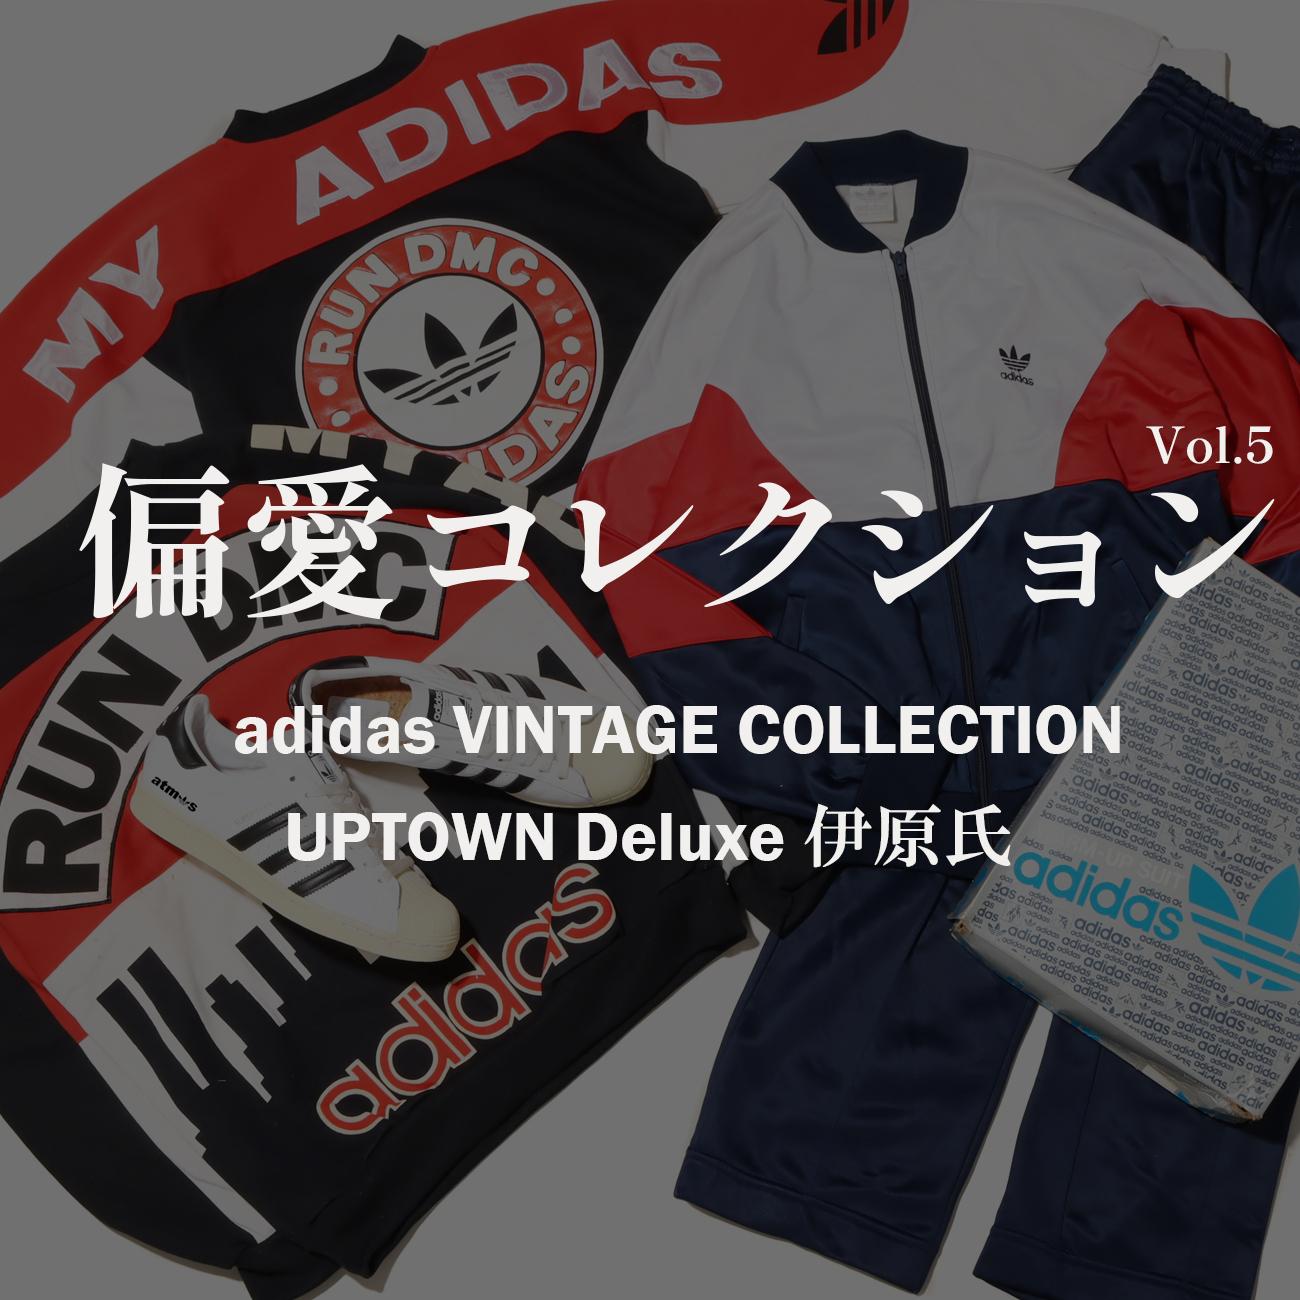 偏愛Vol.5 -UPTOWN Deluxe 伊原氏 adidas Collection-